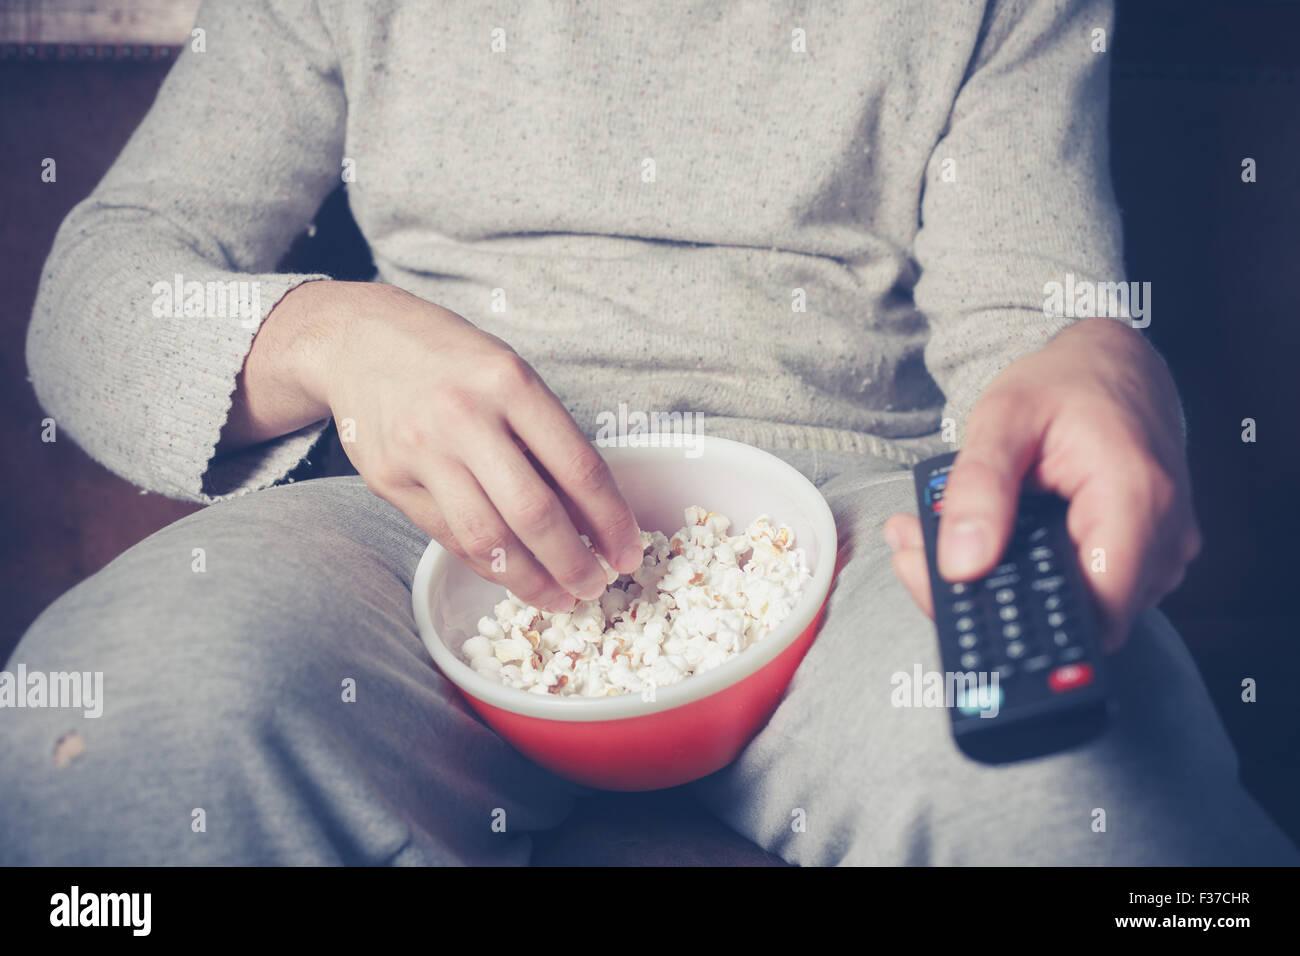 Jeune homme est assis sur un canapé et manger du popcorn en regardant la télévision Photo Stock